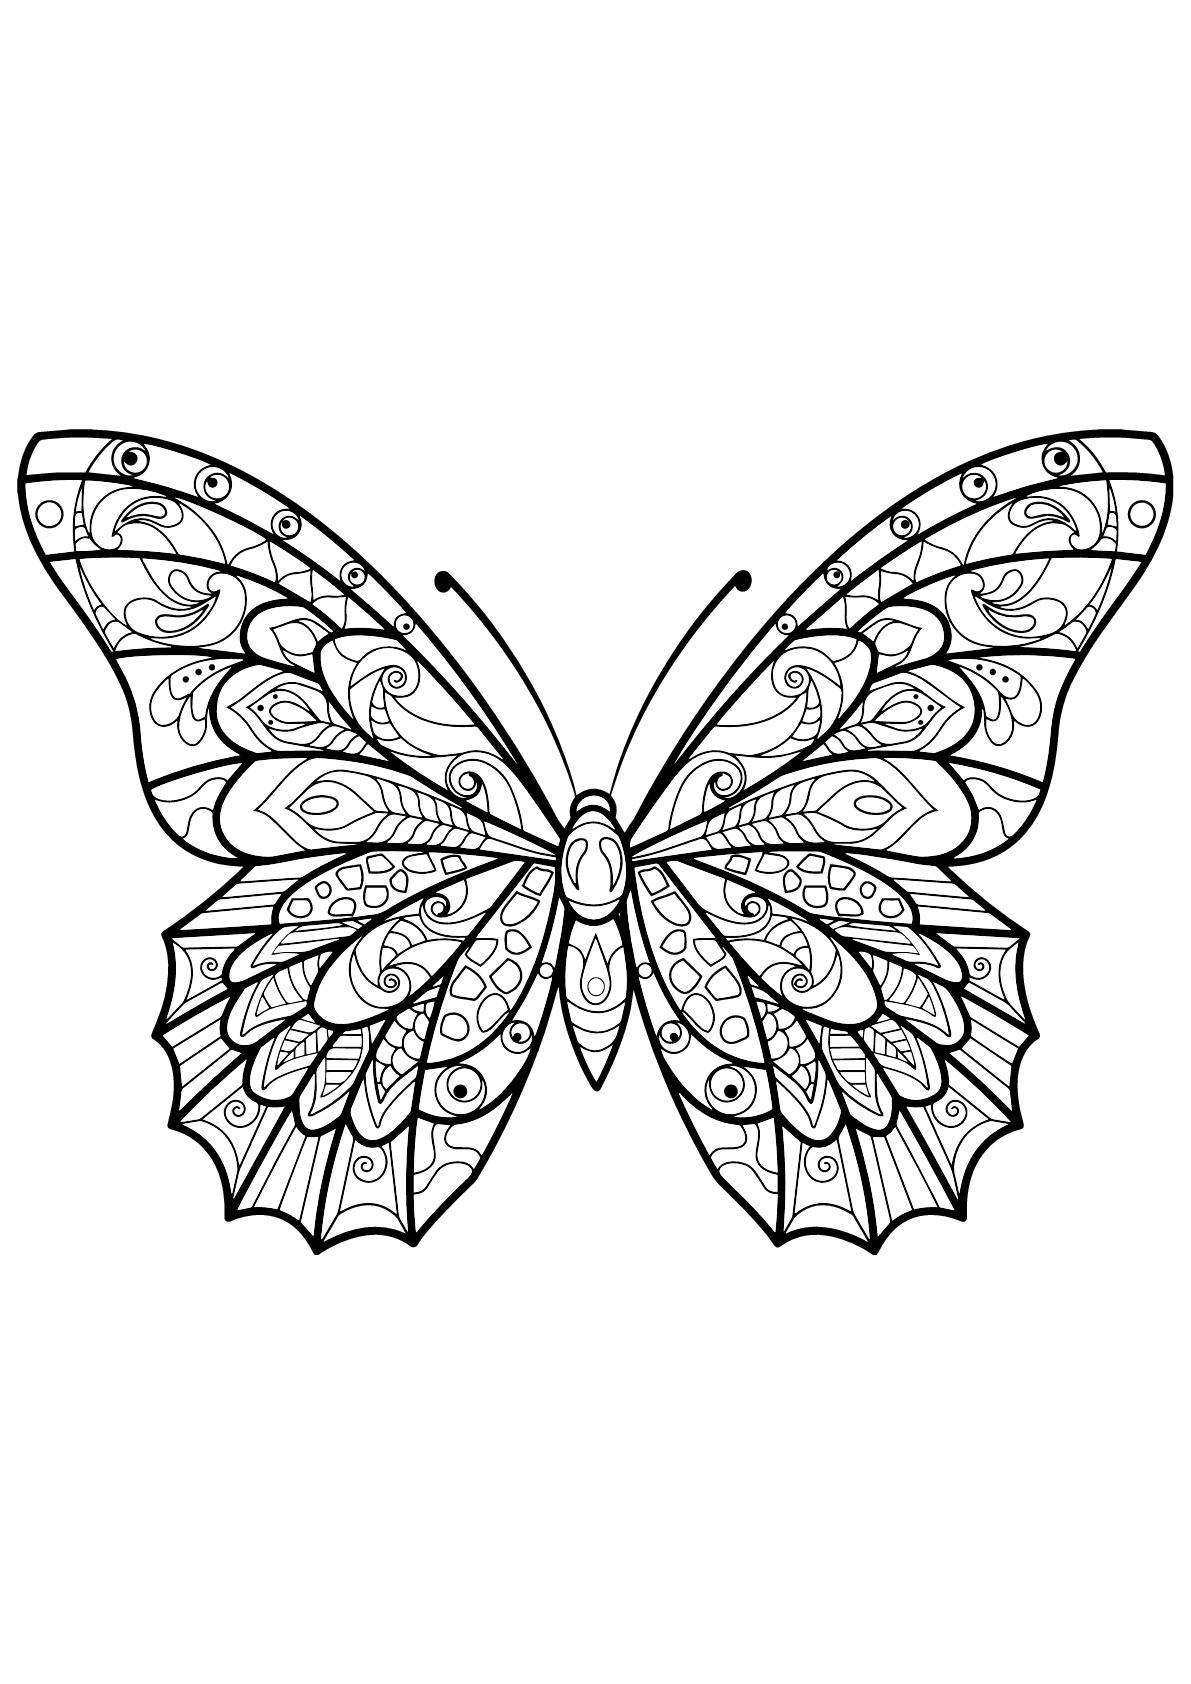 Colorear para adultos  : Insectos - 16